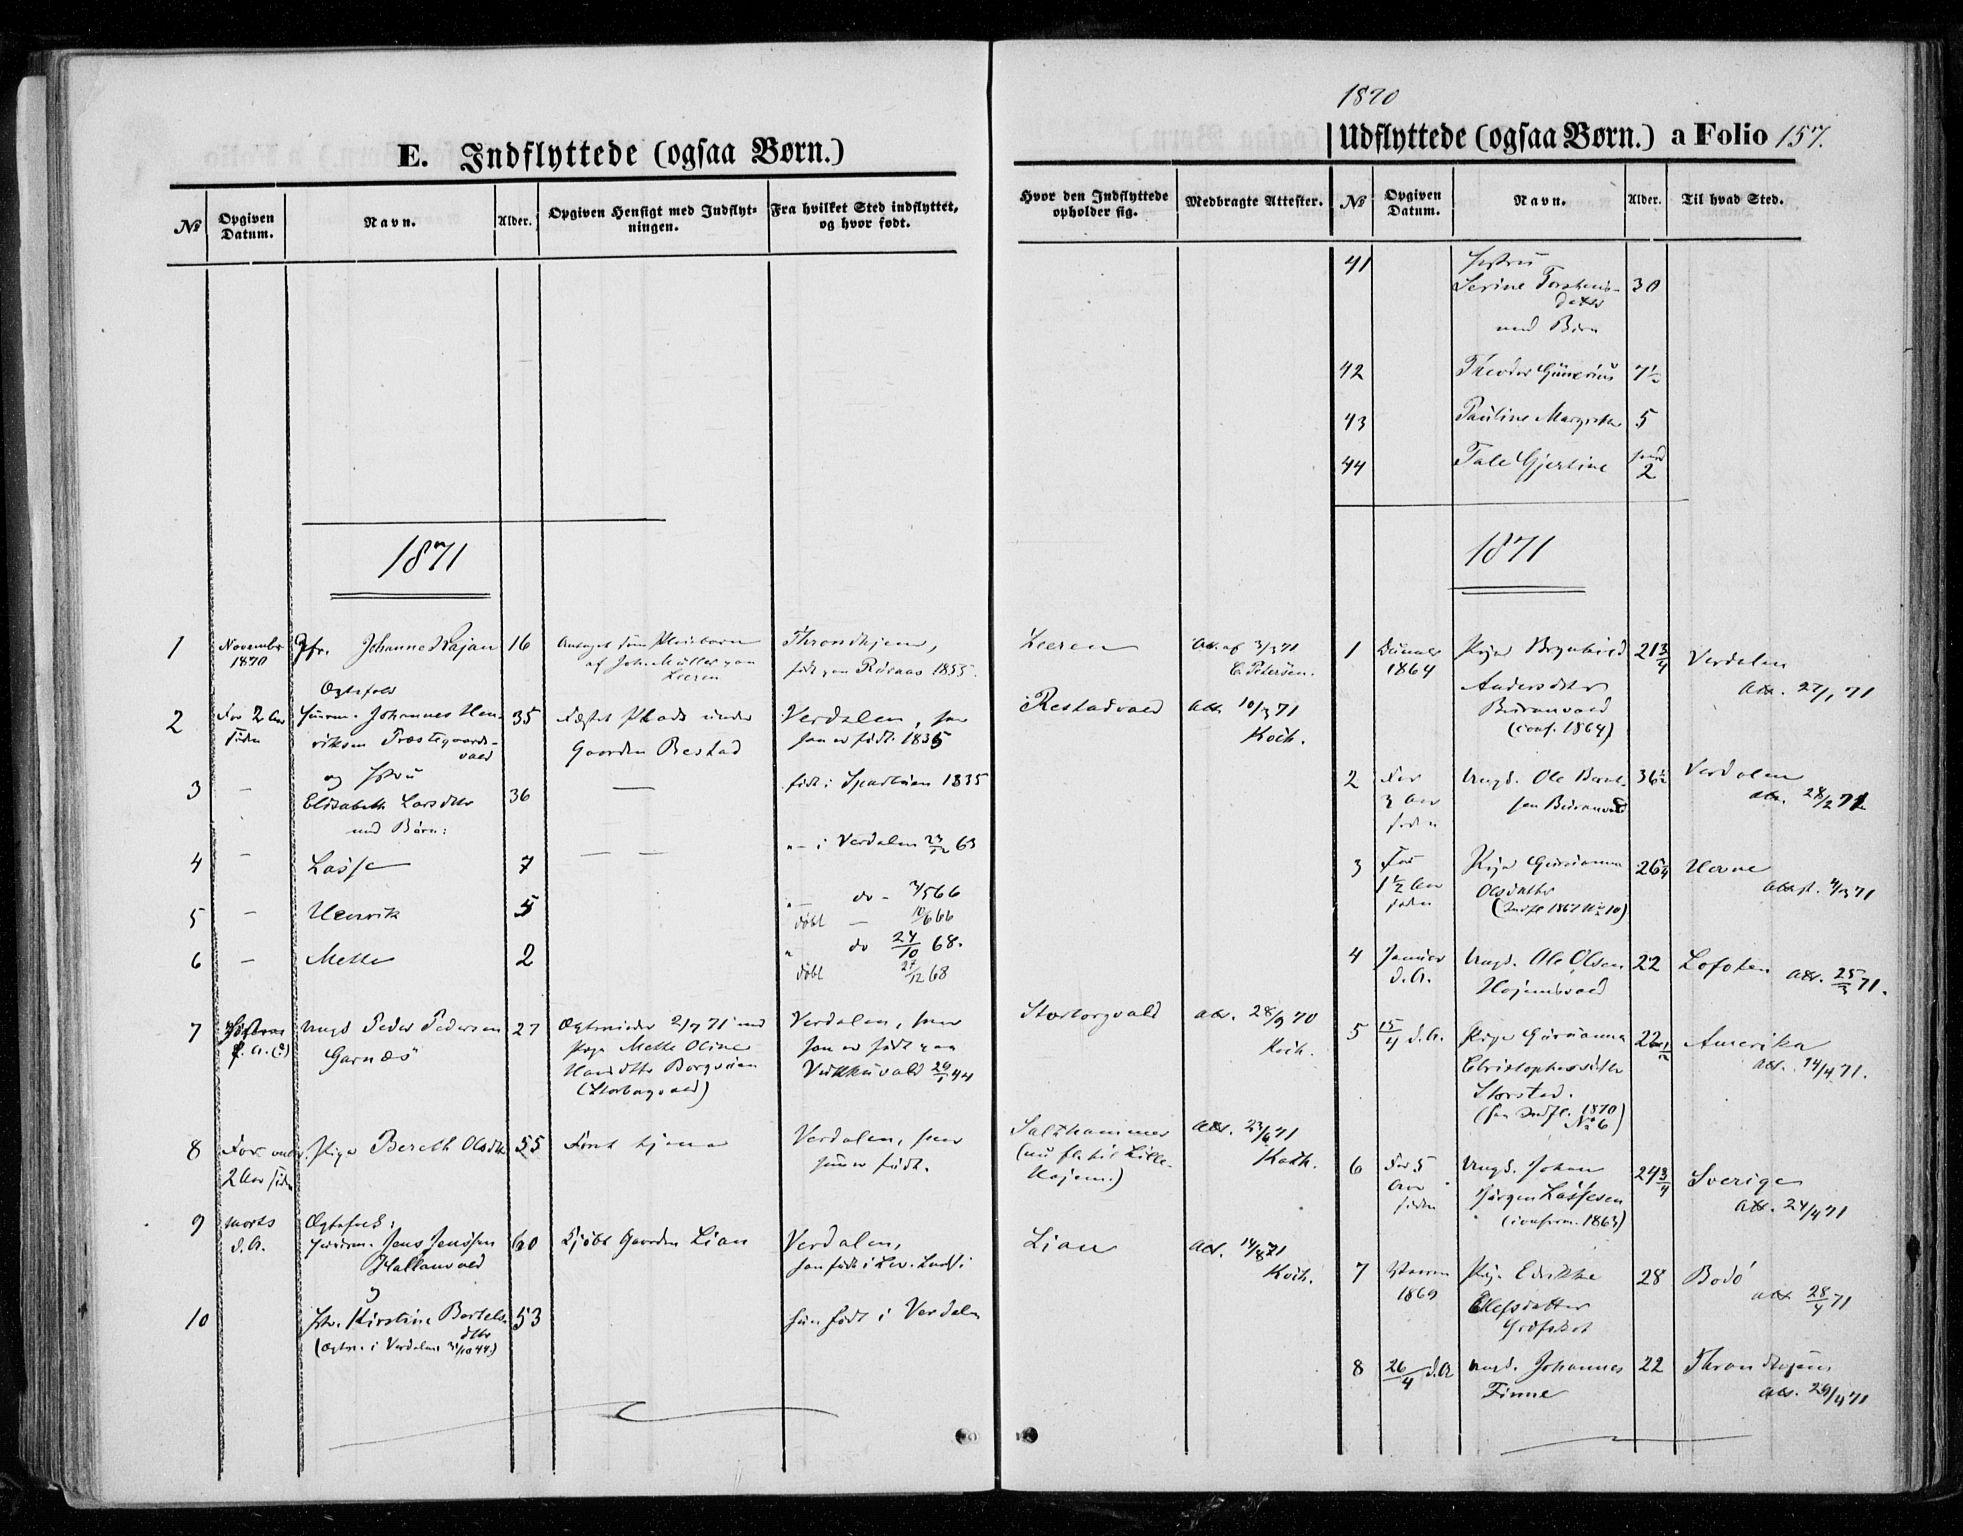 SAT, Ministerialprotokoller, klokkerbøker og fødselsregistre - Nord-Trøndelag, 721/L0206: Ministerialbok nr. 721A01, 1864-1874, s. 157